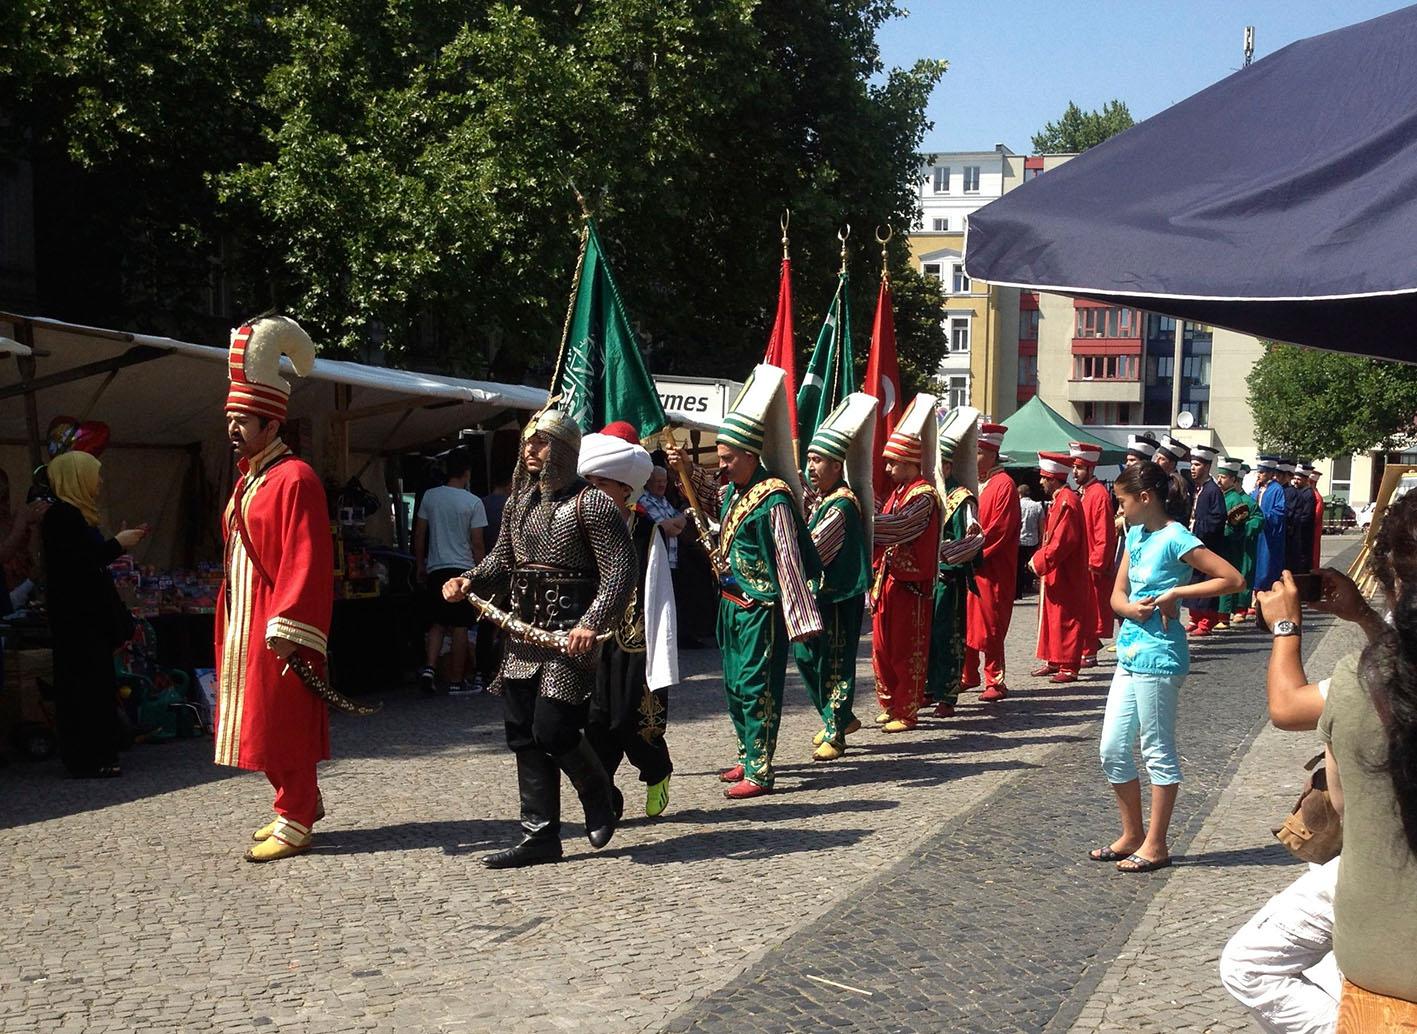 türkisches FEst auf dem Klausenerplatz in Charlottenburg, Foto: Ulrike Askari